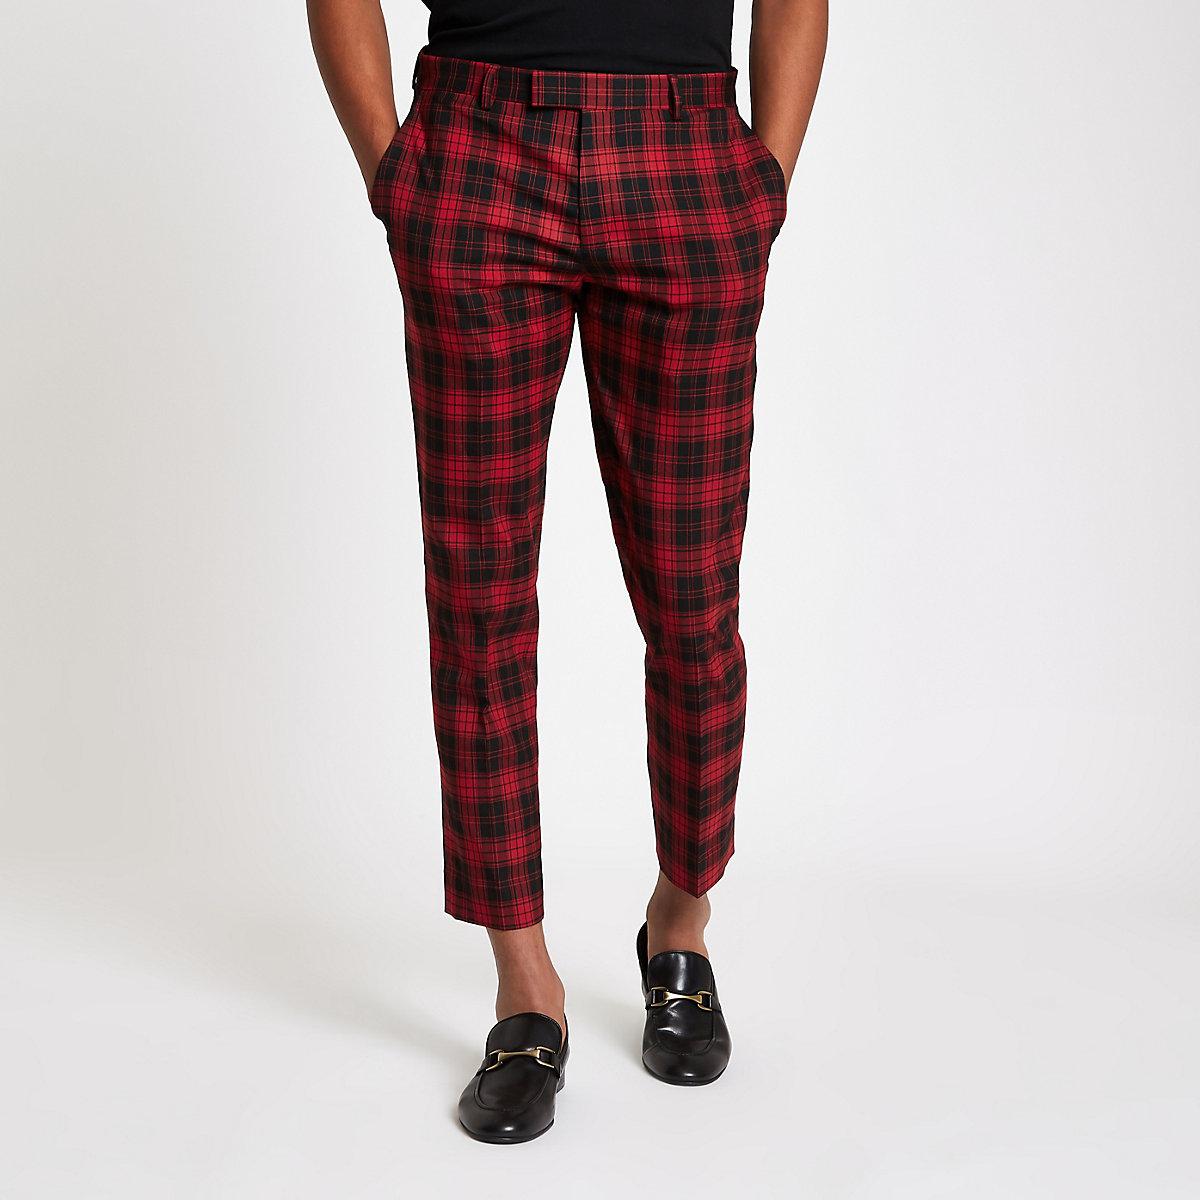 Rote, elegante Skinny Hose mit Karos